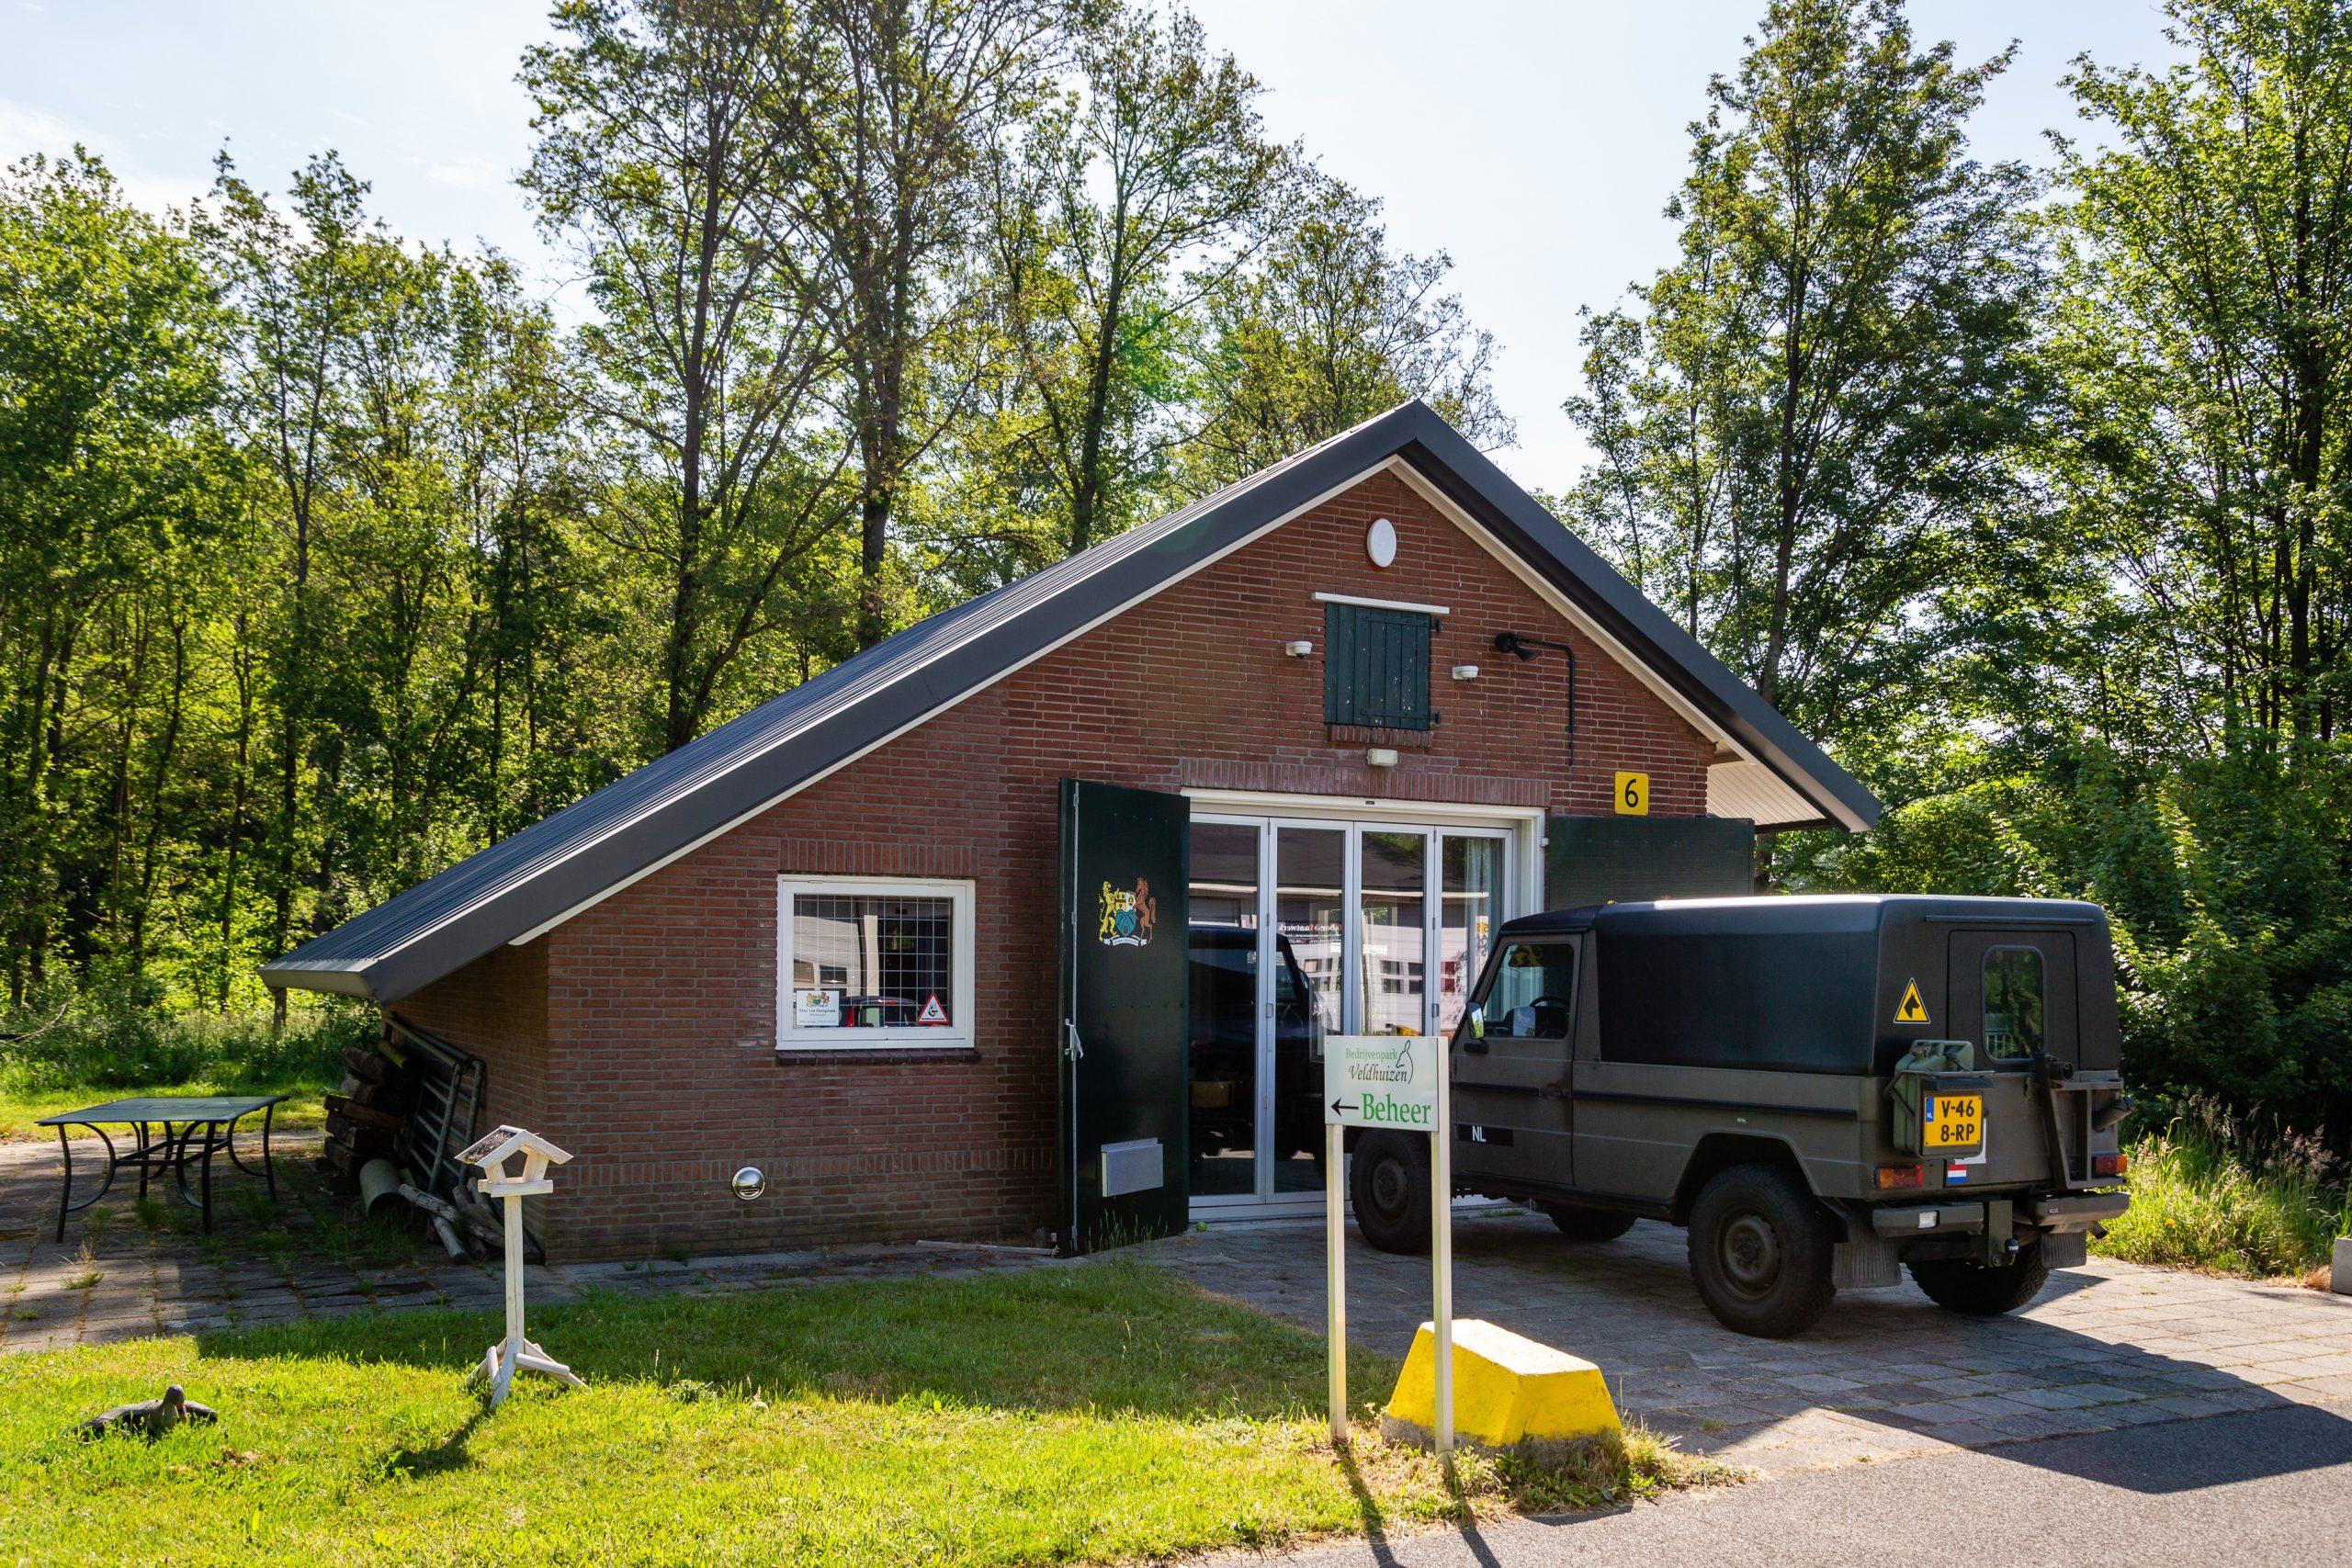 Gebouw 6 - Geniewerkplaats, Magazijncomplex Veldhuizen (Loenen)